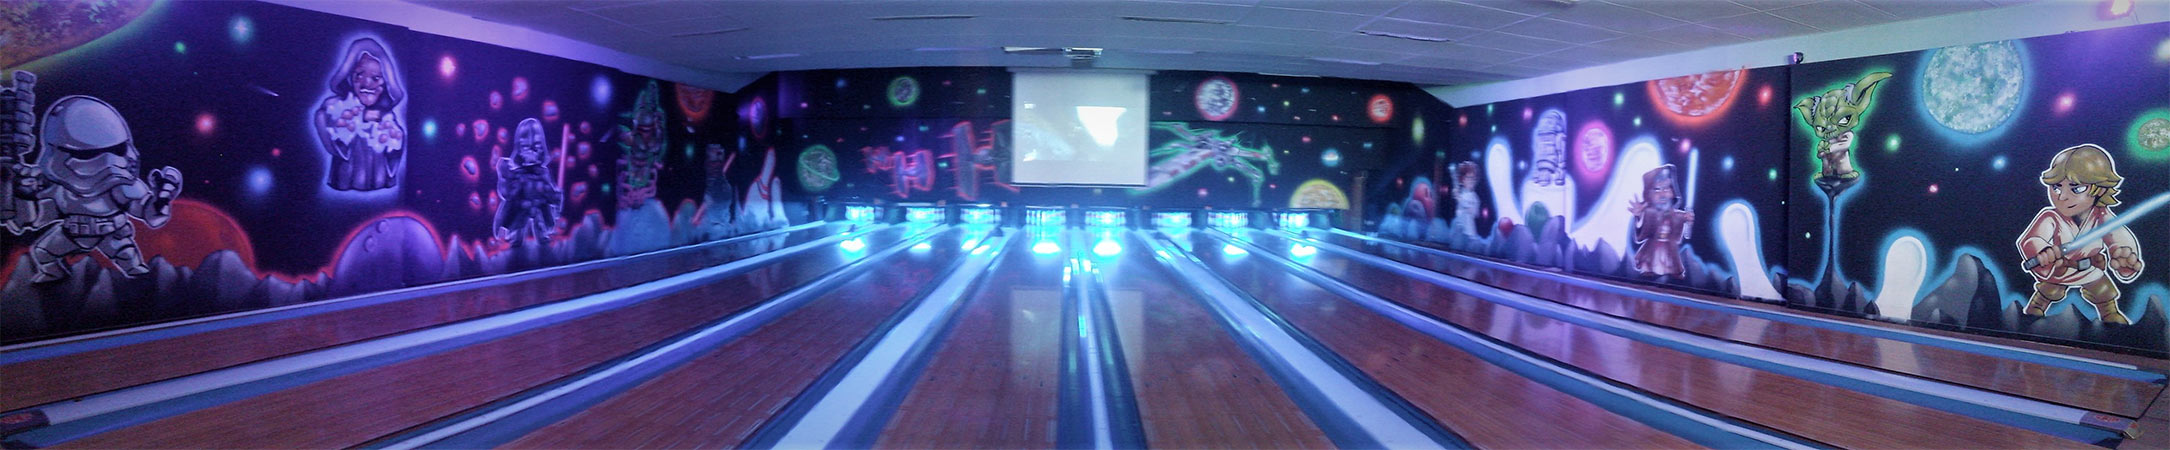 pistes de bowling